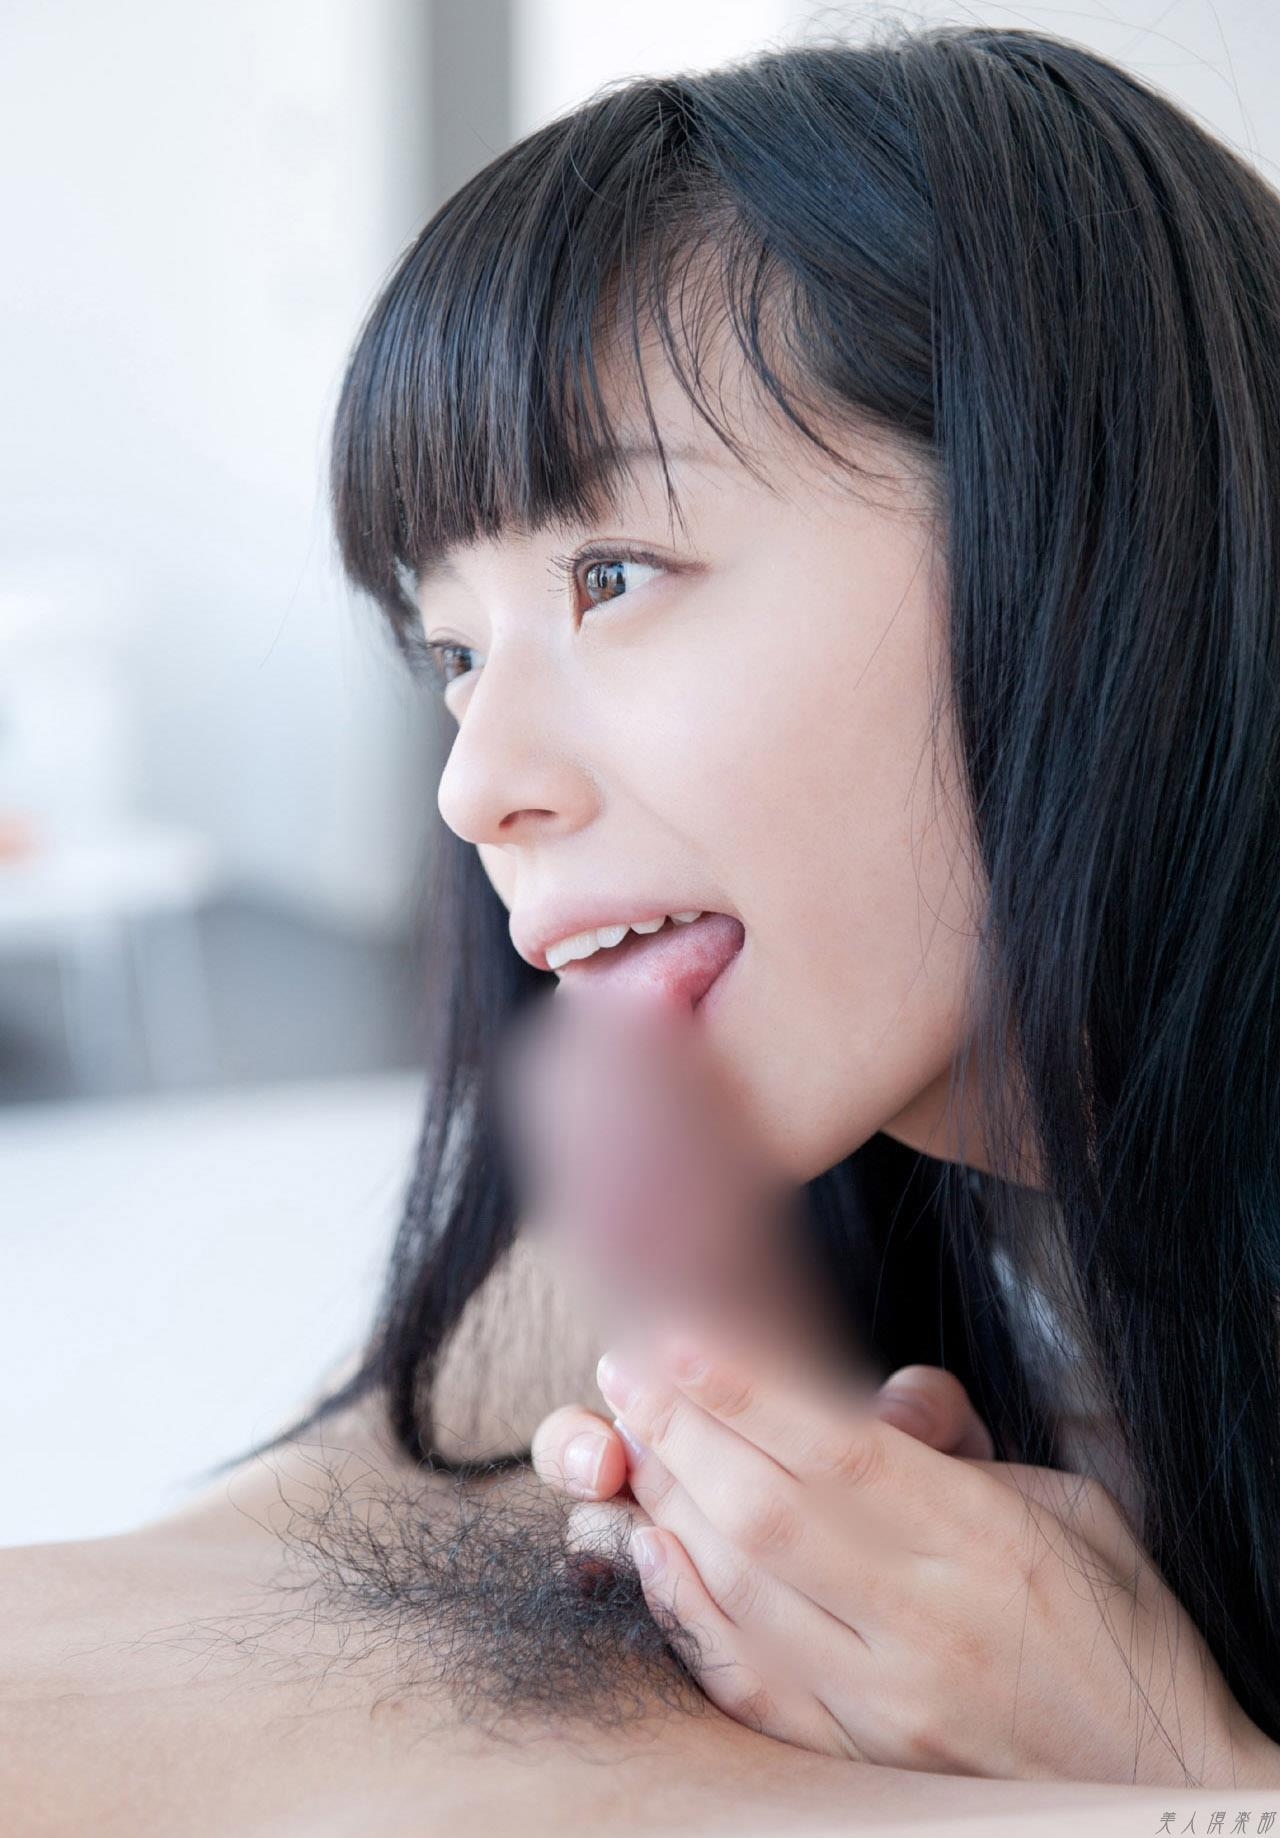 【エロ画像】フェラチオチオ|たっぷり口内射精 画像☆小西まりえ 神河美音第十一弾:キタコレ(゚∀゚)☆☆様